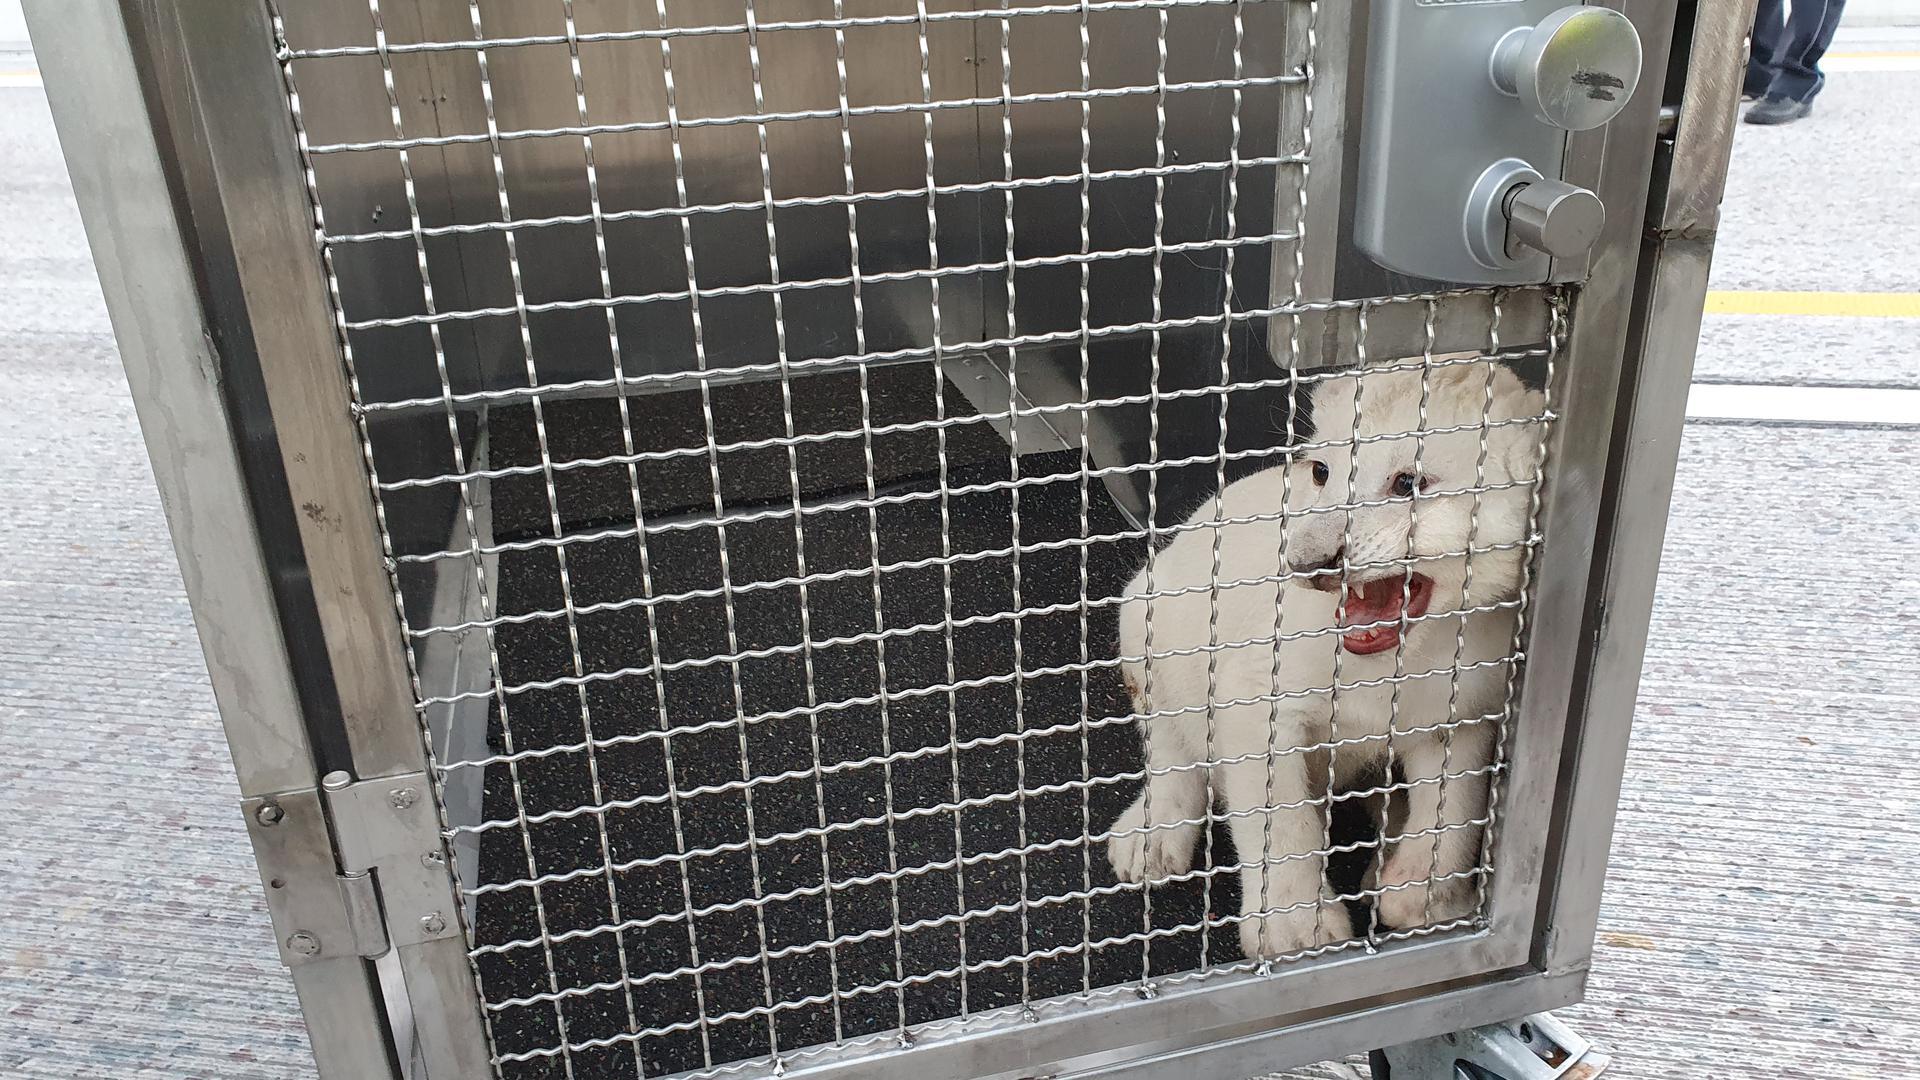 Ein kleiner weißer Löwe sitzt in einem Käfig.